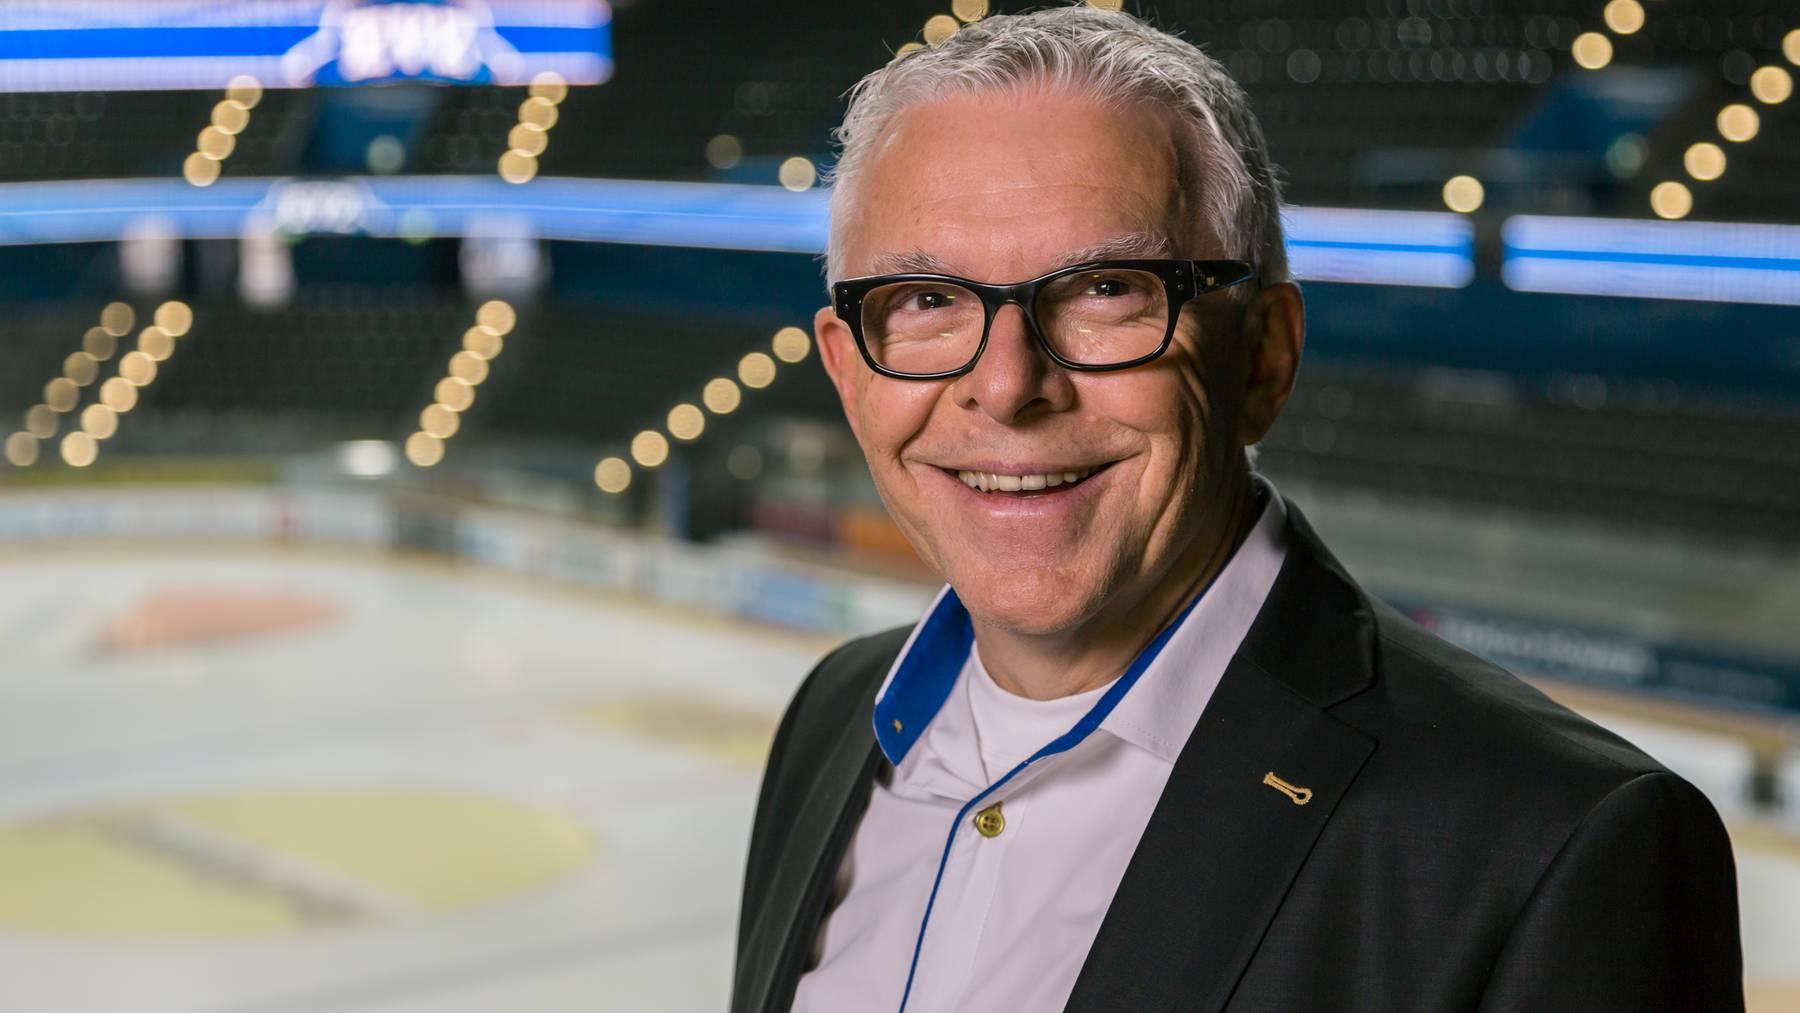 Cham soll zu einer Eishockey-Metropole werden